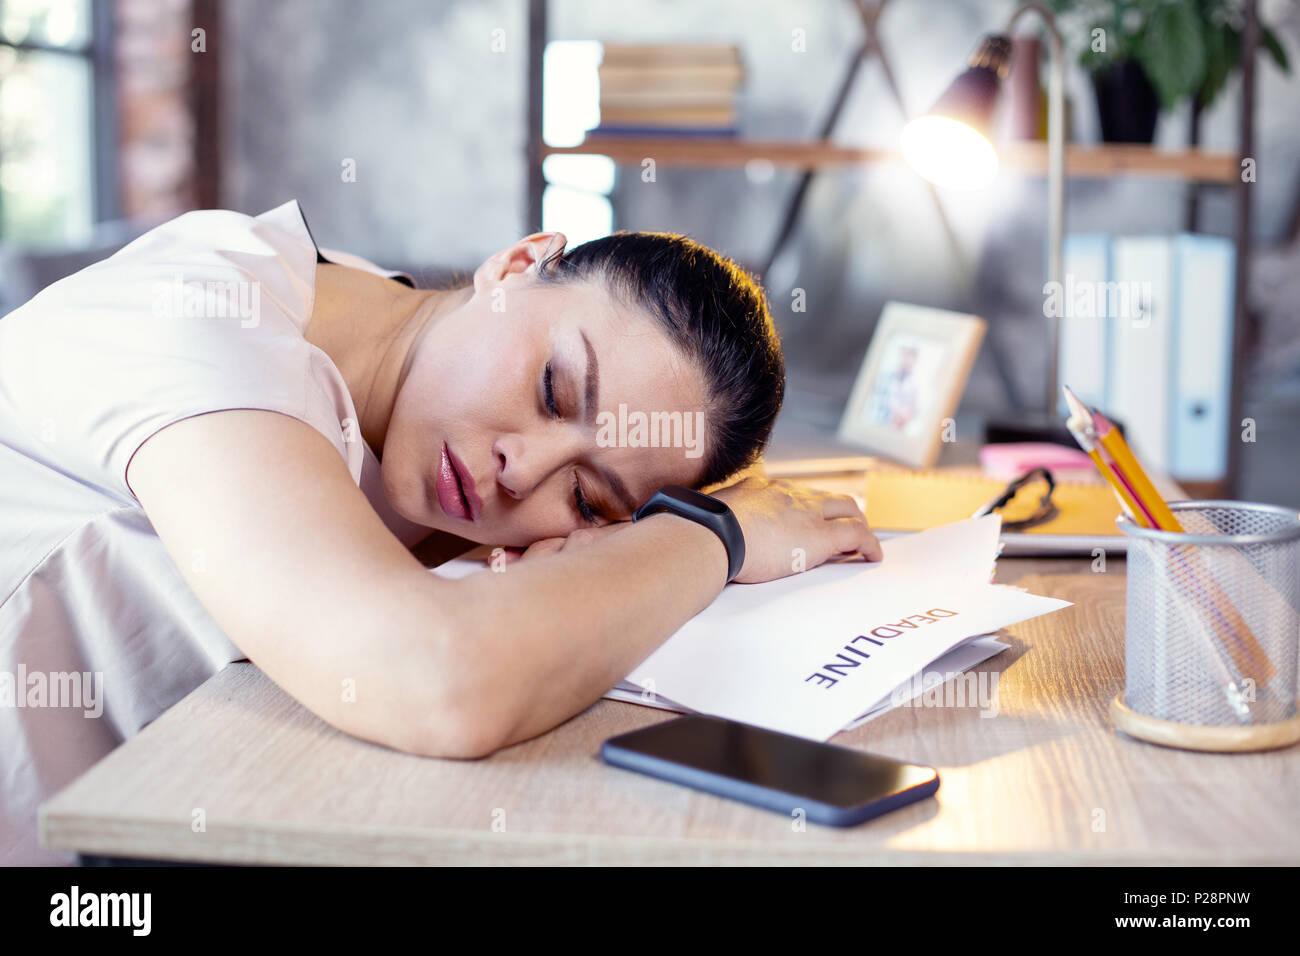 Hermosa empleada toma siesta en el trabajo Imagen De Stock